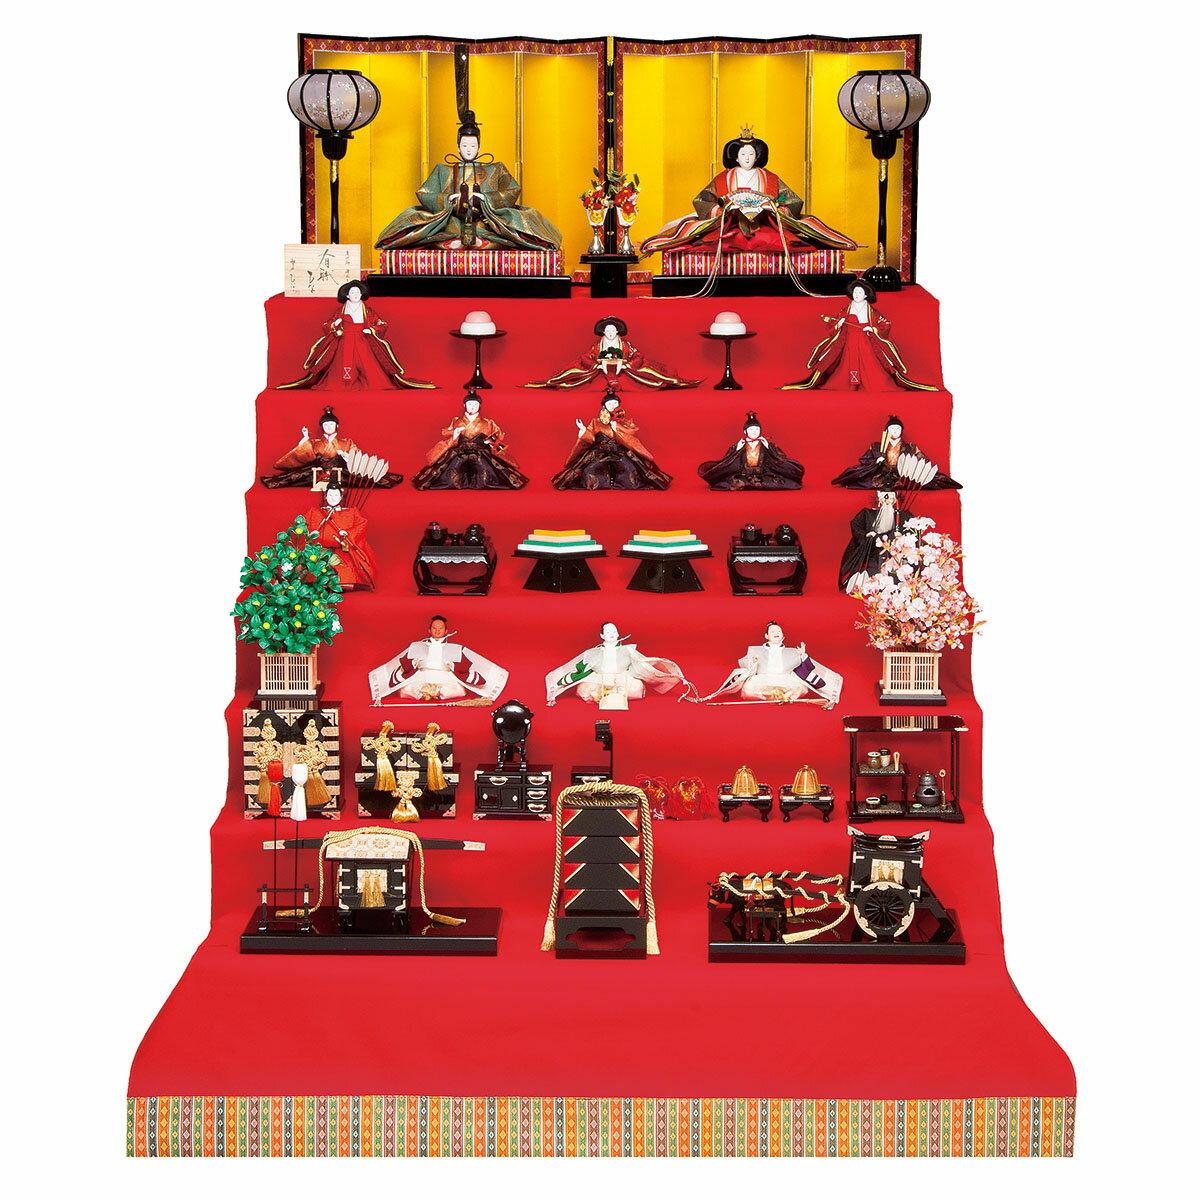 段飾り 雛人形 七 七段飾りの雛人形 十五人豪華フルセット